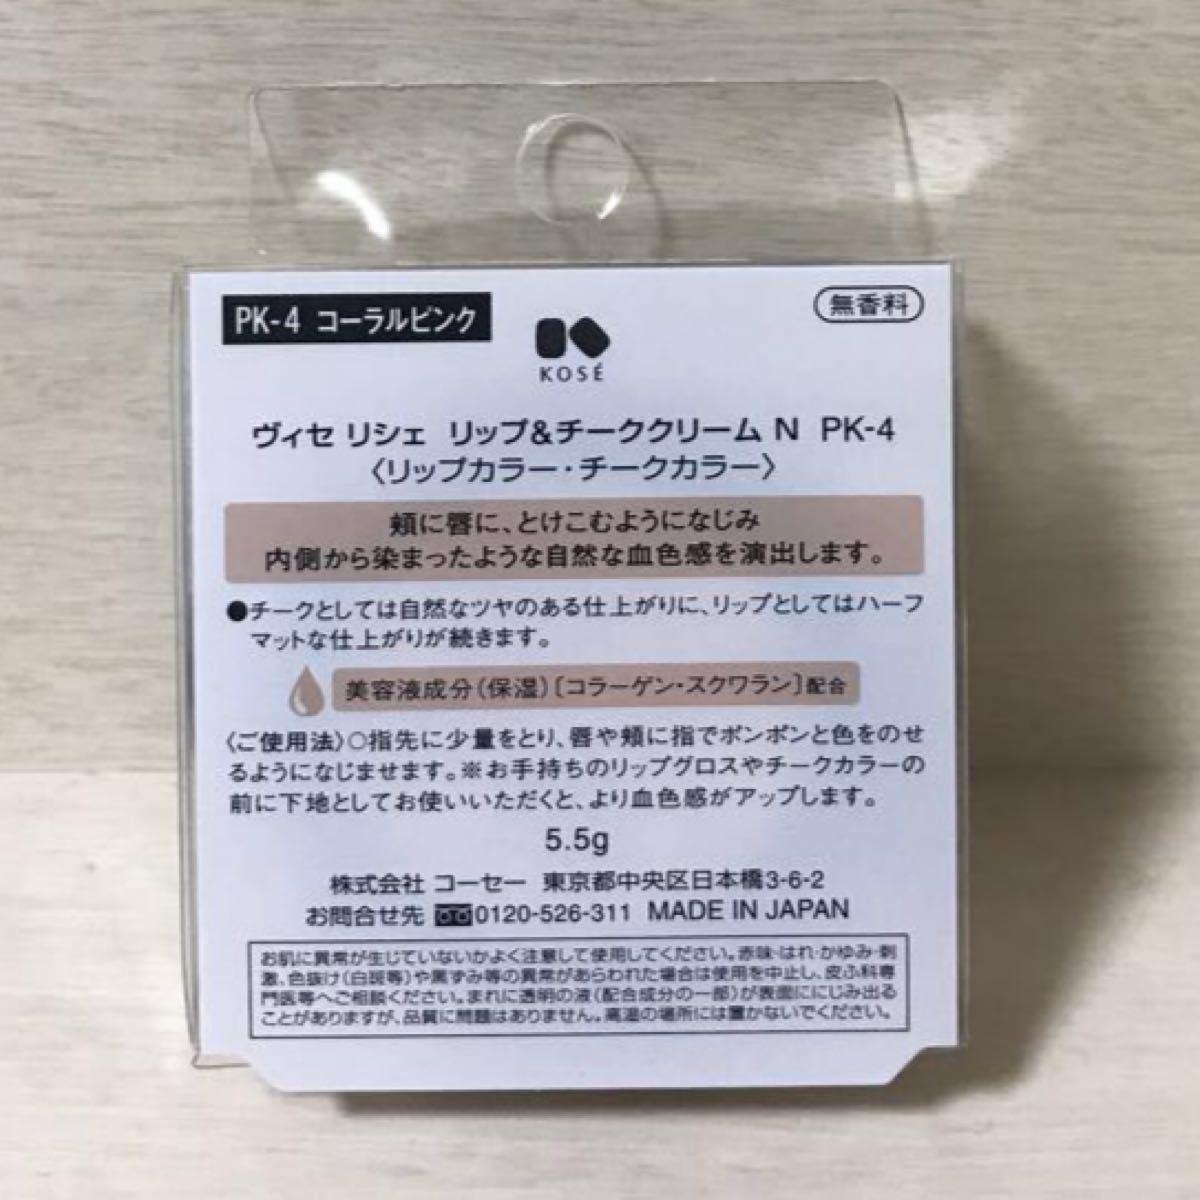 ヴィセ リシェ チーク リップ PK-4 コーセー KOSE コーラルピンク コスメ 化粧品 送料込み